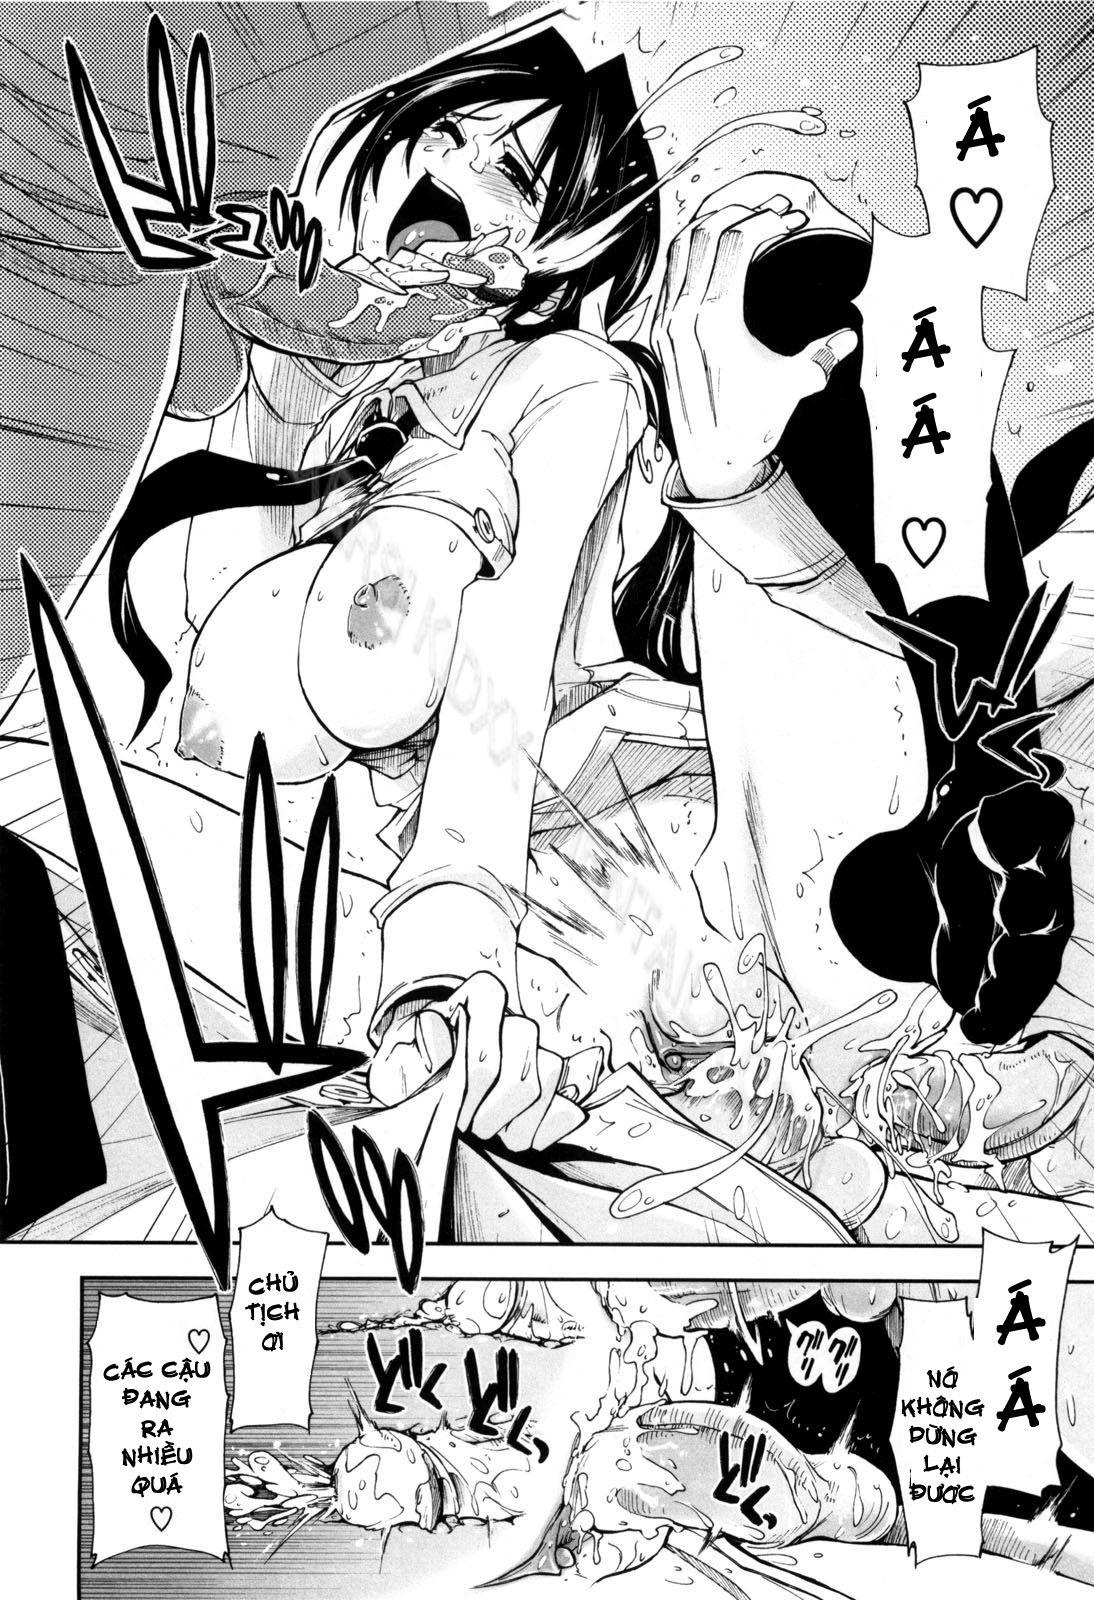 Hình ảnh Image00056 trong bài viết Karadajuu Full Uncensored